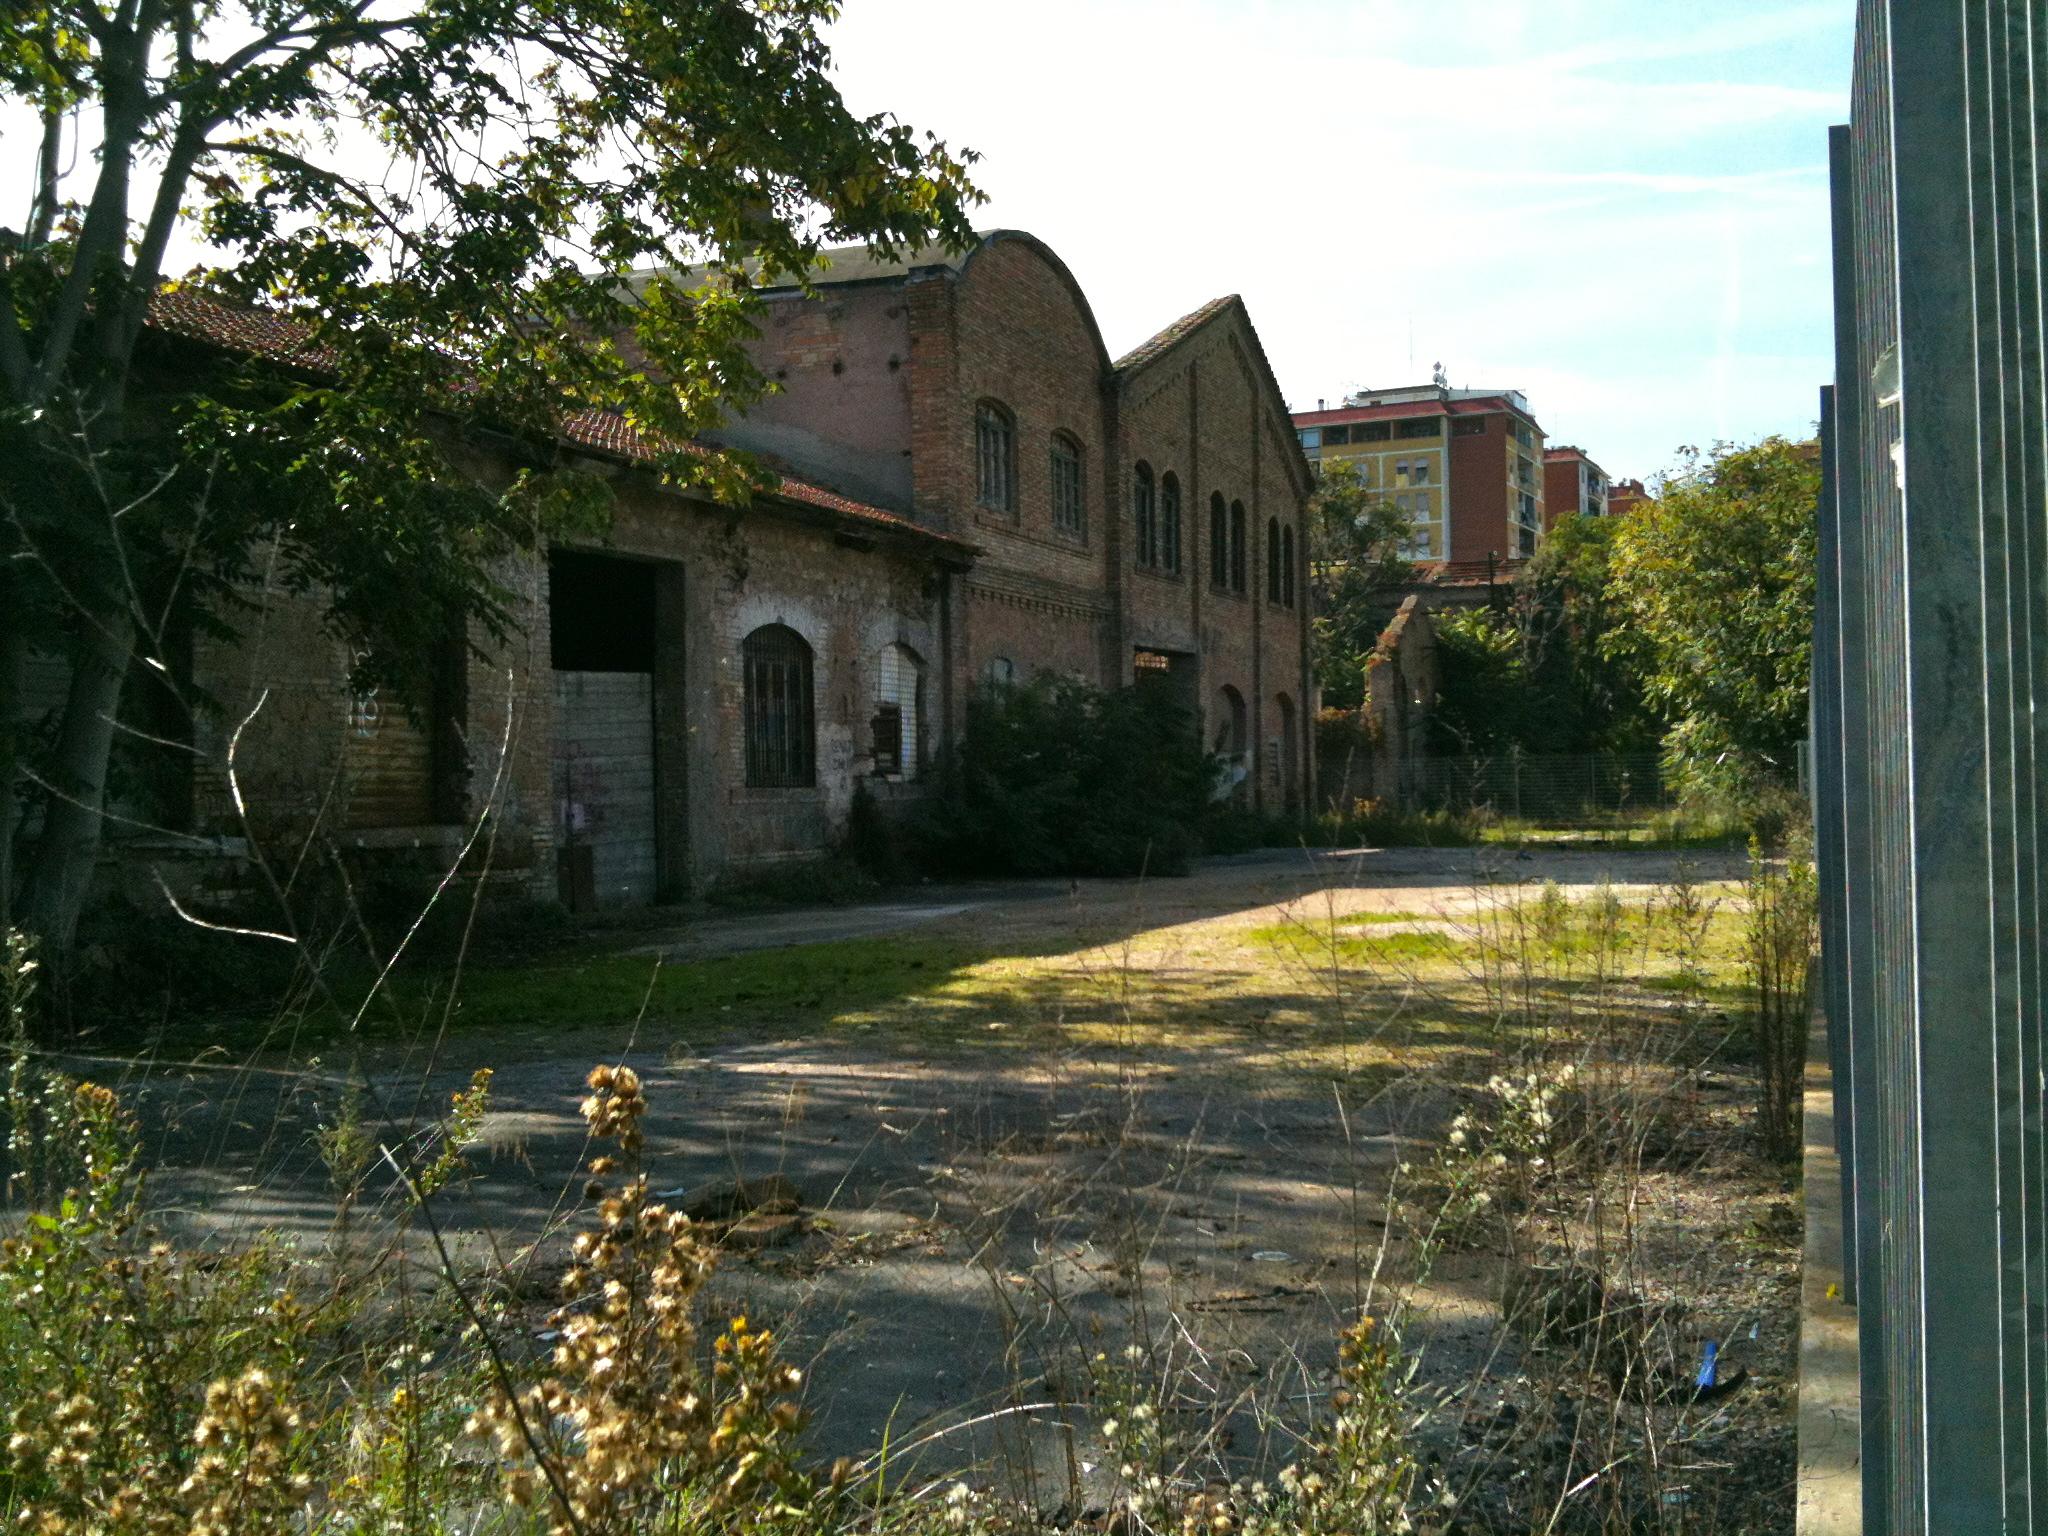 XV Municipio, l'ex stabilimento MIra Lanza, espunto all'ultimo momento dall'elenco dei beni che il Comune voleva dismettere